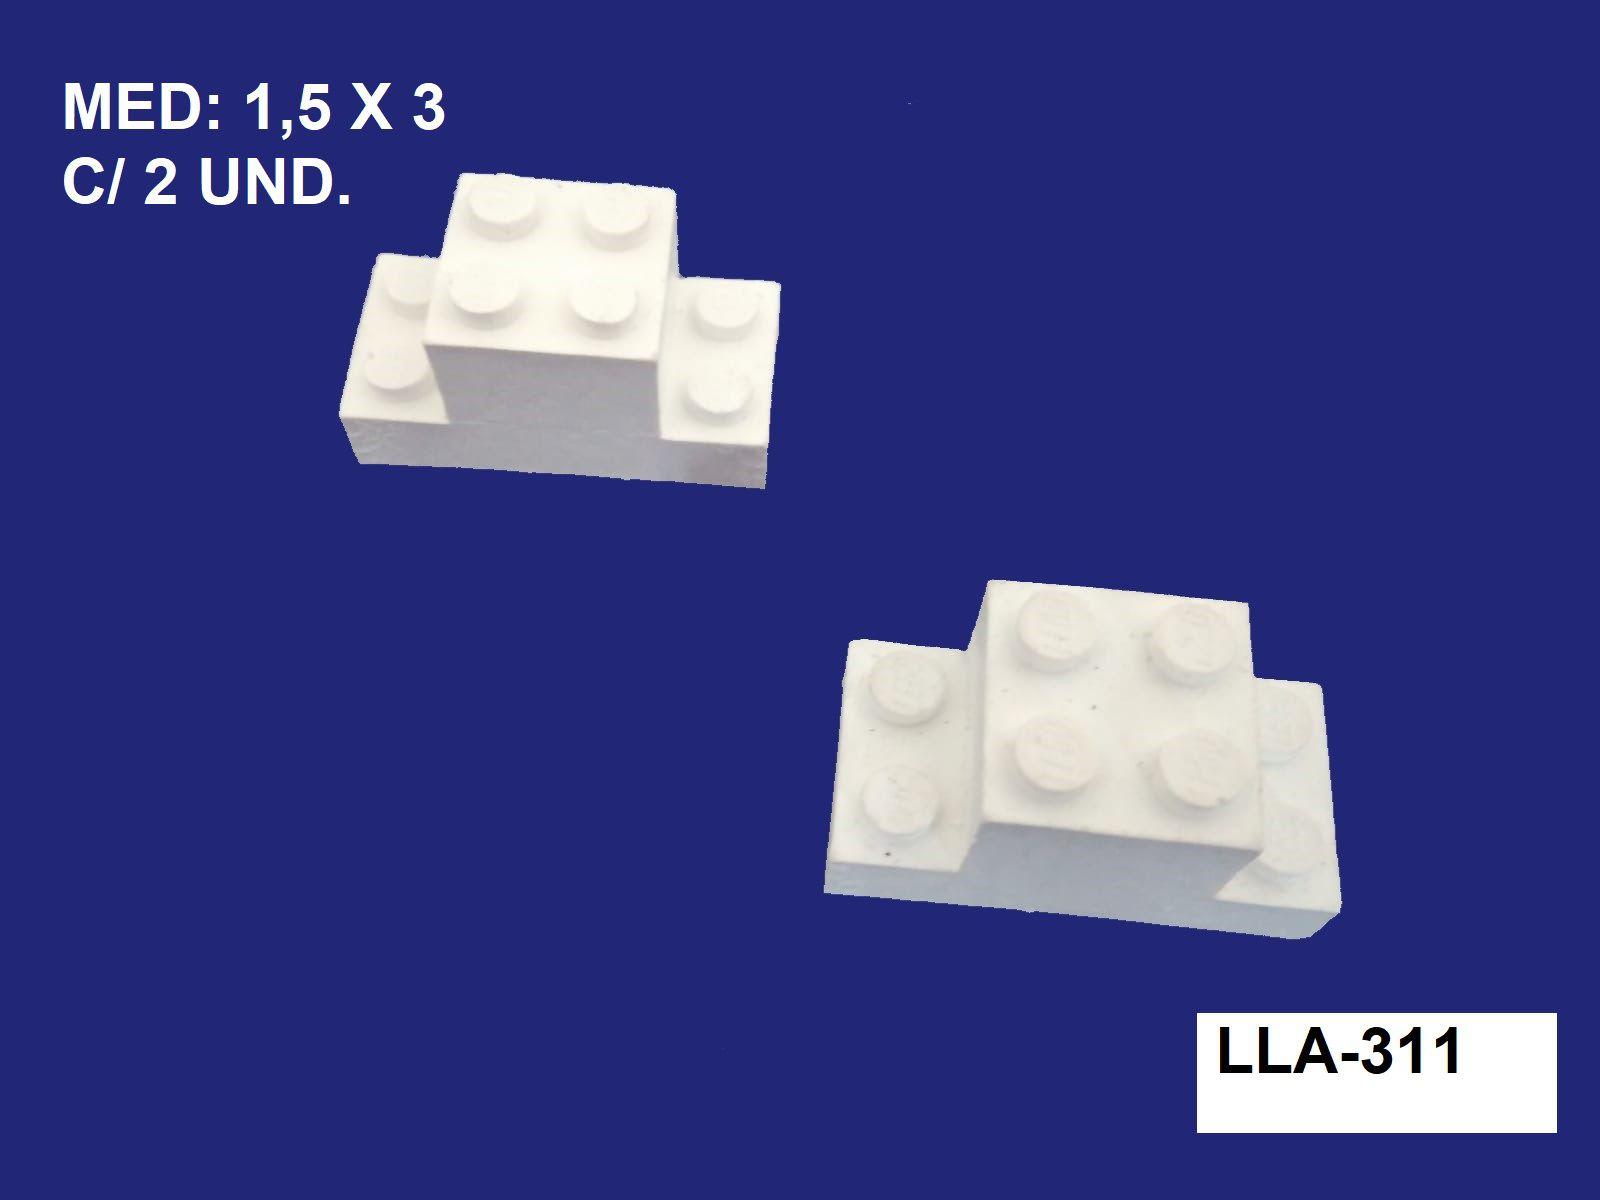 LLA-311 APLIQUE LEGO 1,5X3CM C/ 2 UND.